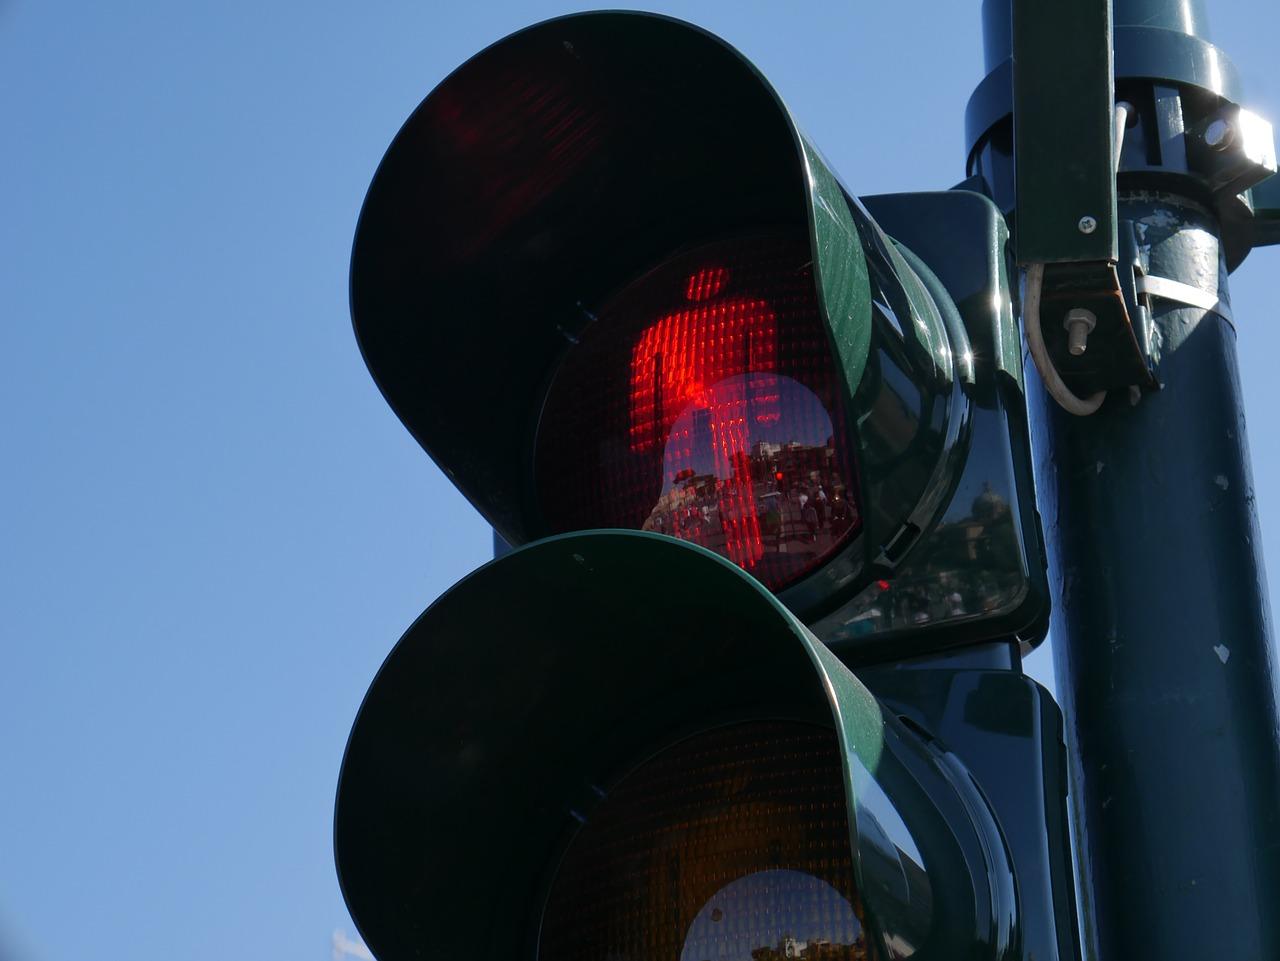 traffic-light-1024826_1280.jpg